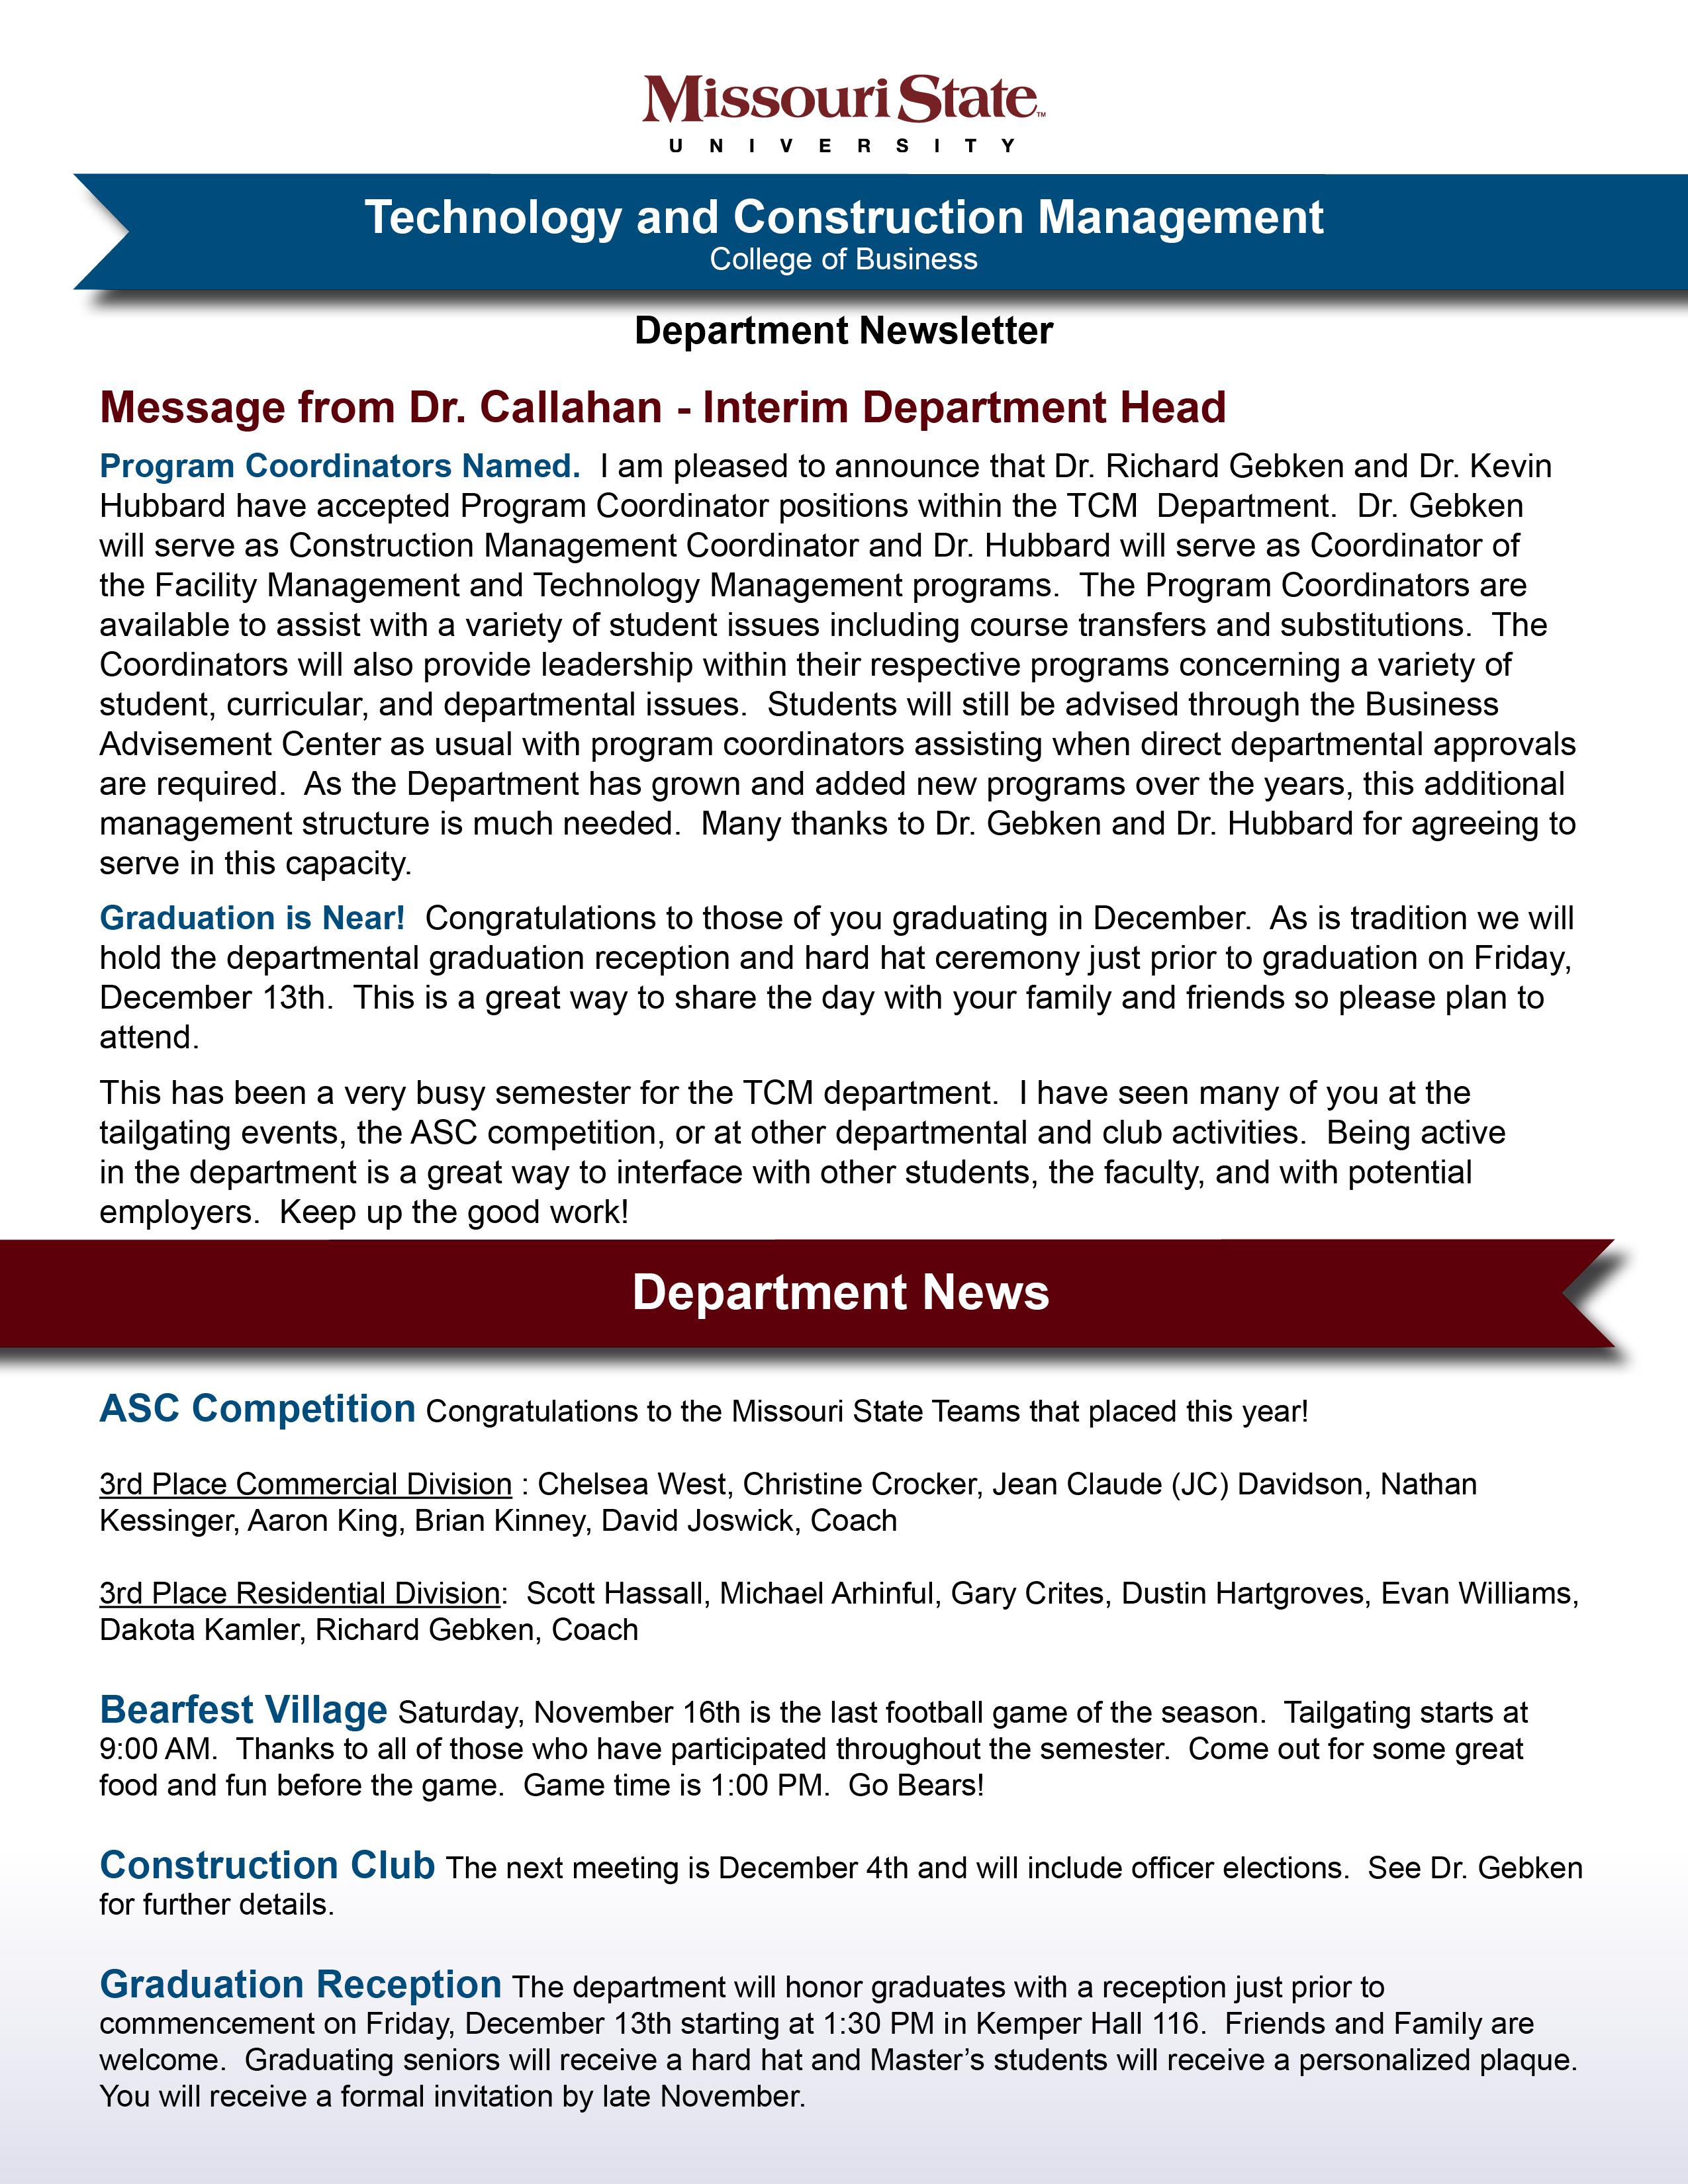 TCM Newsletter November 2013